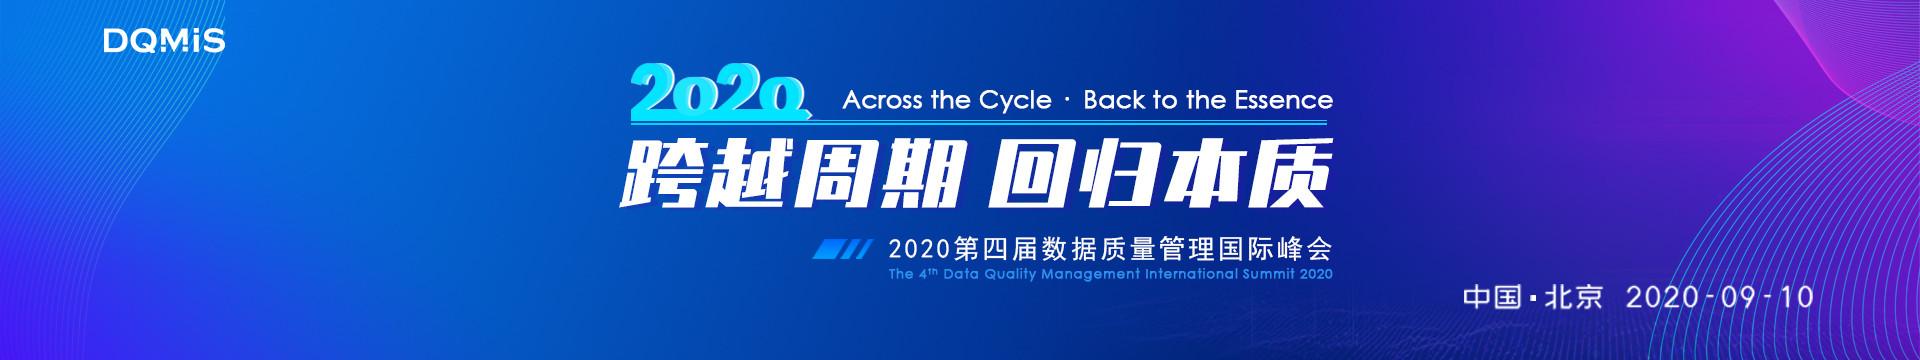 2020第四屆數據質量管理國際峰會(DQMIS 2020)